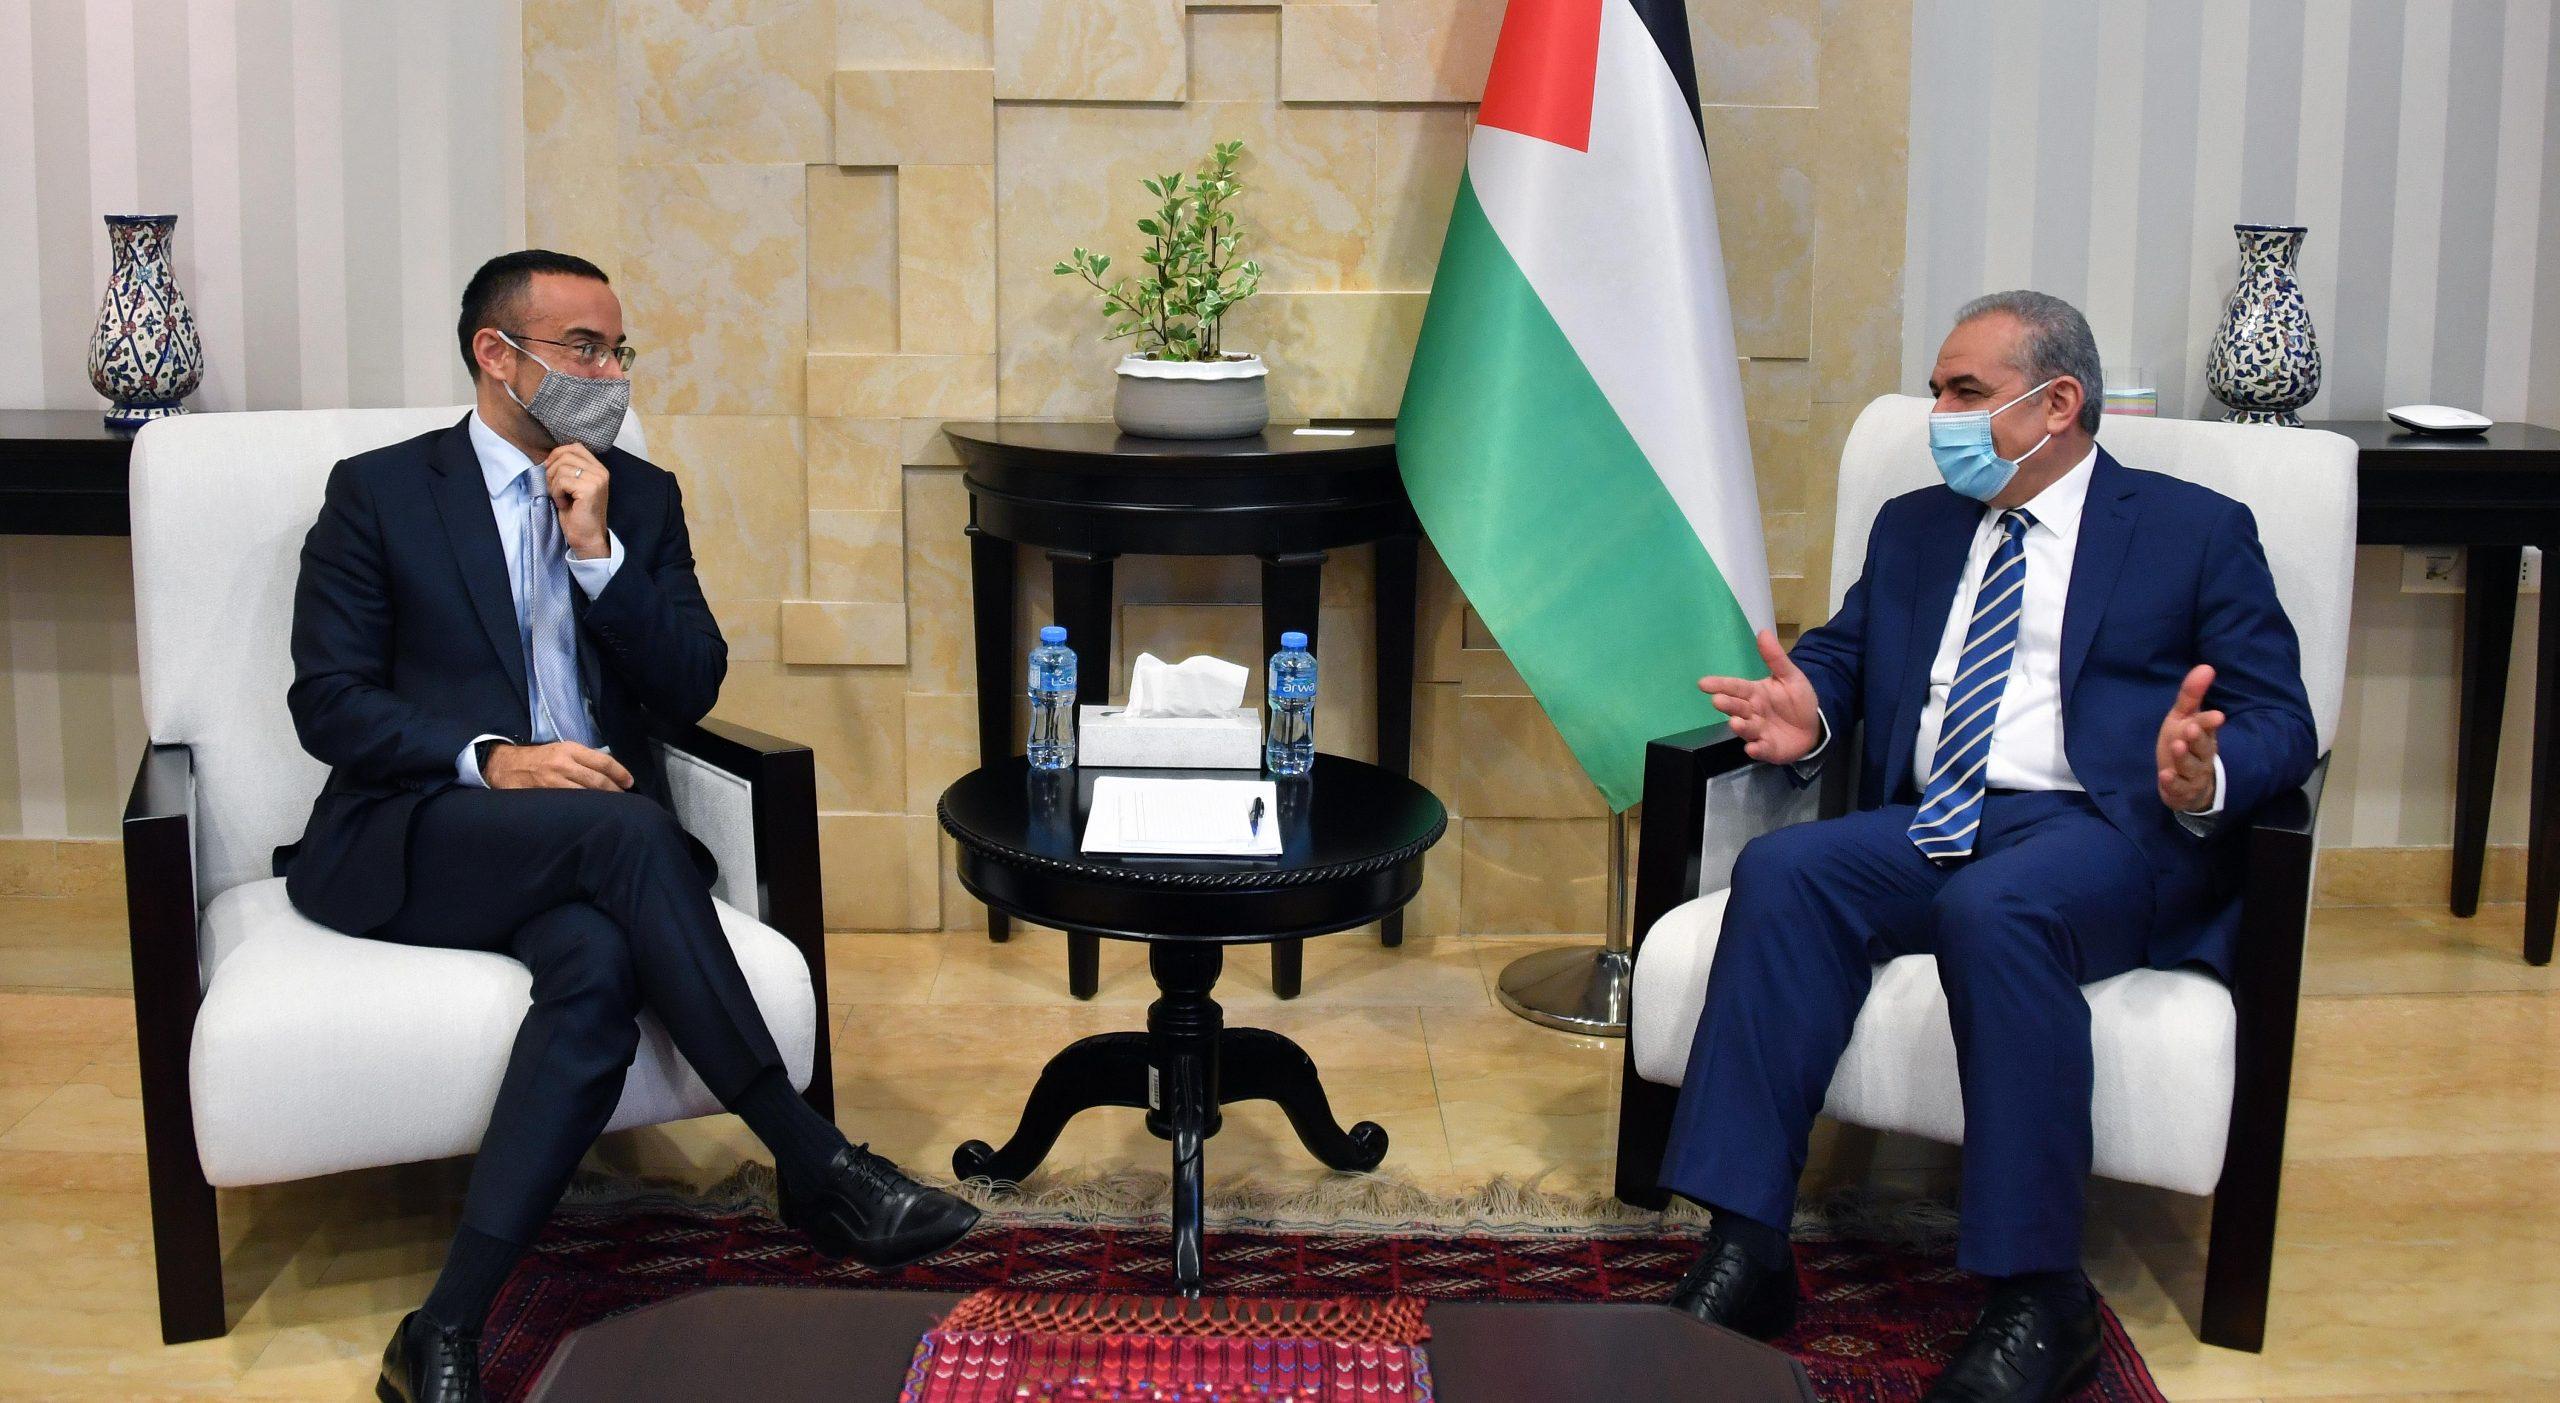 اشتية: لدينا إجماع دولي رافض للضم ونريد اعترافا دوليا بالدولة الفلسطينية